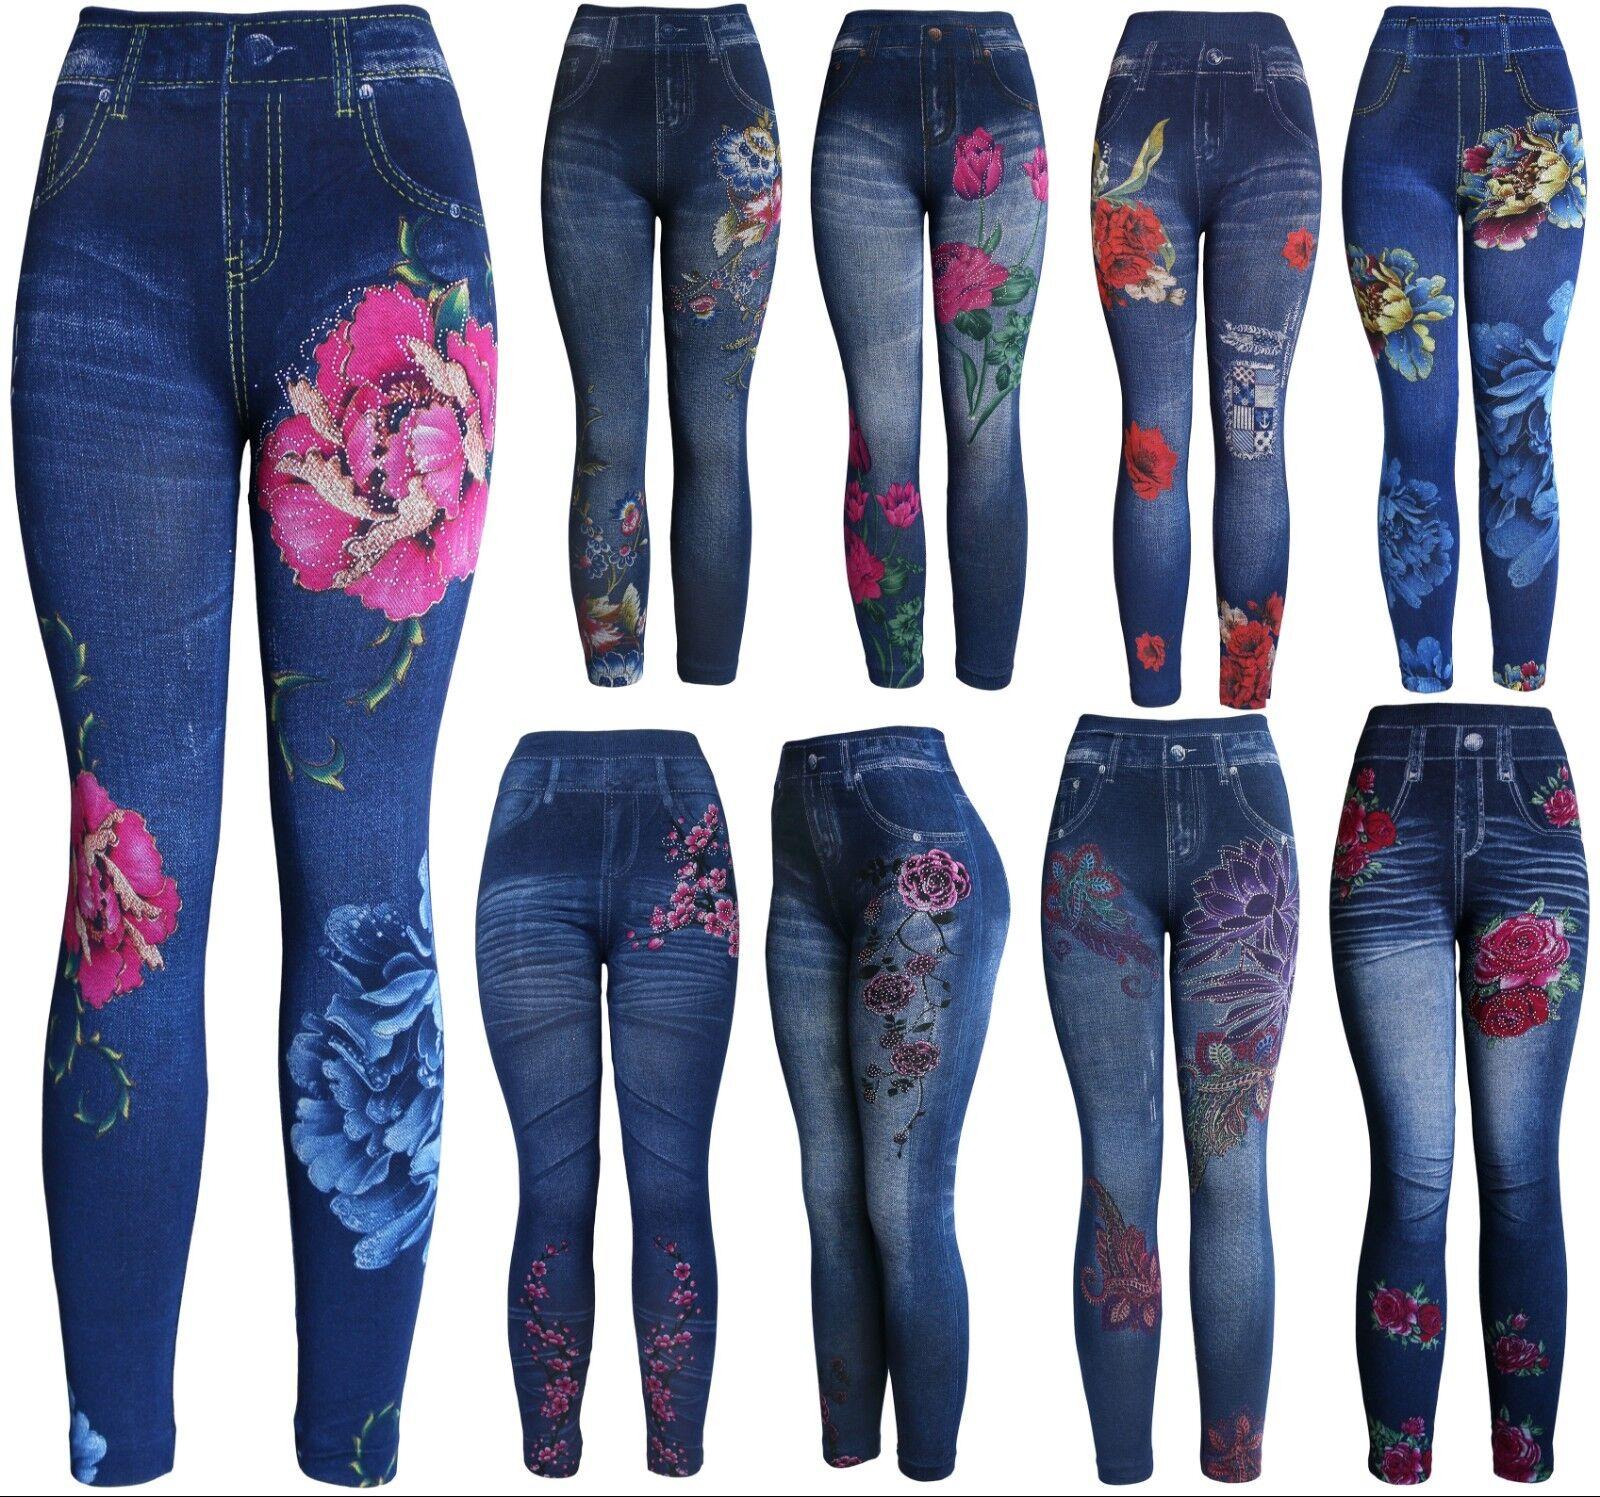 Wholesale/Bulk Lot 10 Pcs Women's Assorted Faux Denim Printed Leggings Clothing, Shoes & Accessories